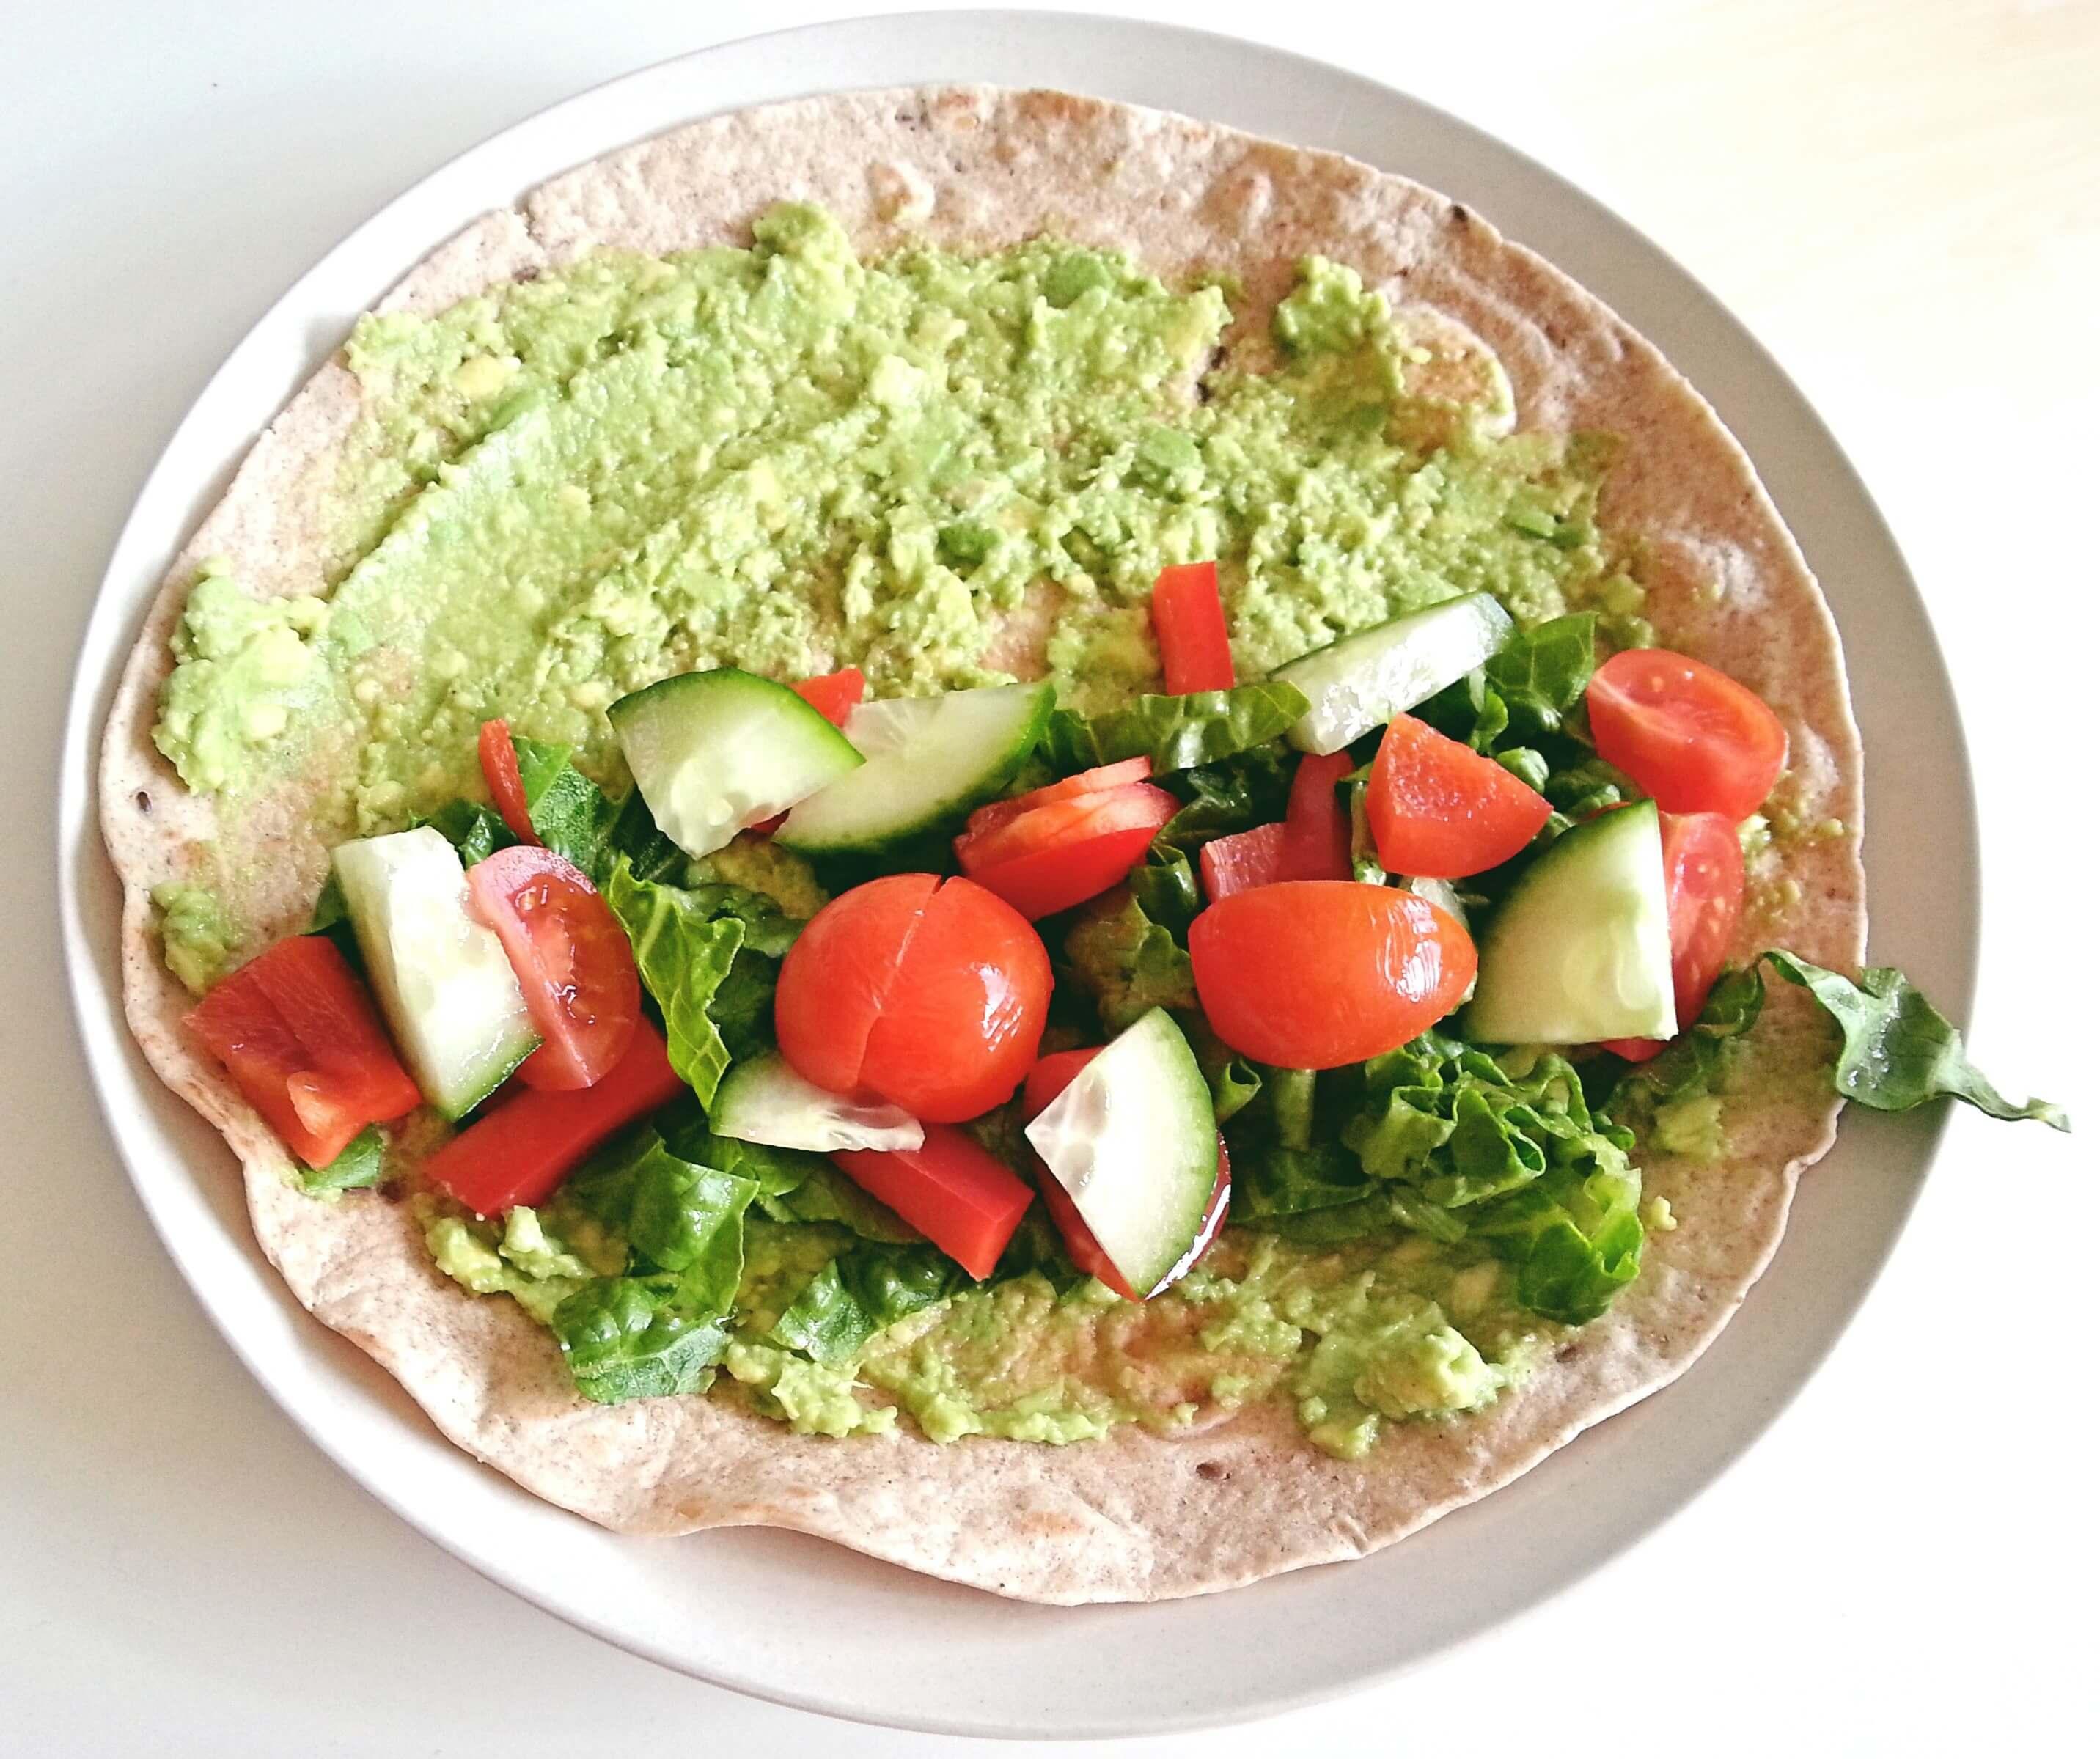 schnelle wraps mit avocado gem se my vegan life. Black Bedroom Furniture Sets. Home Design Ideas